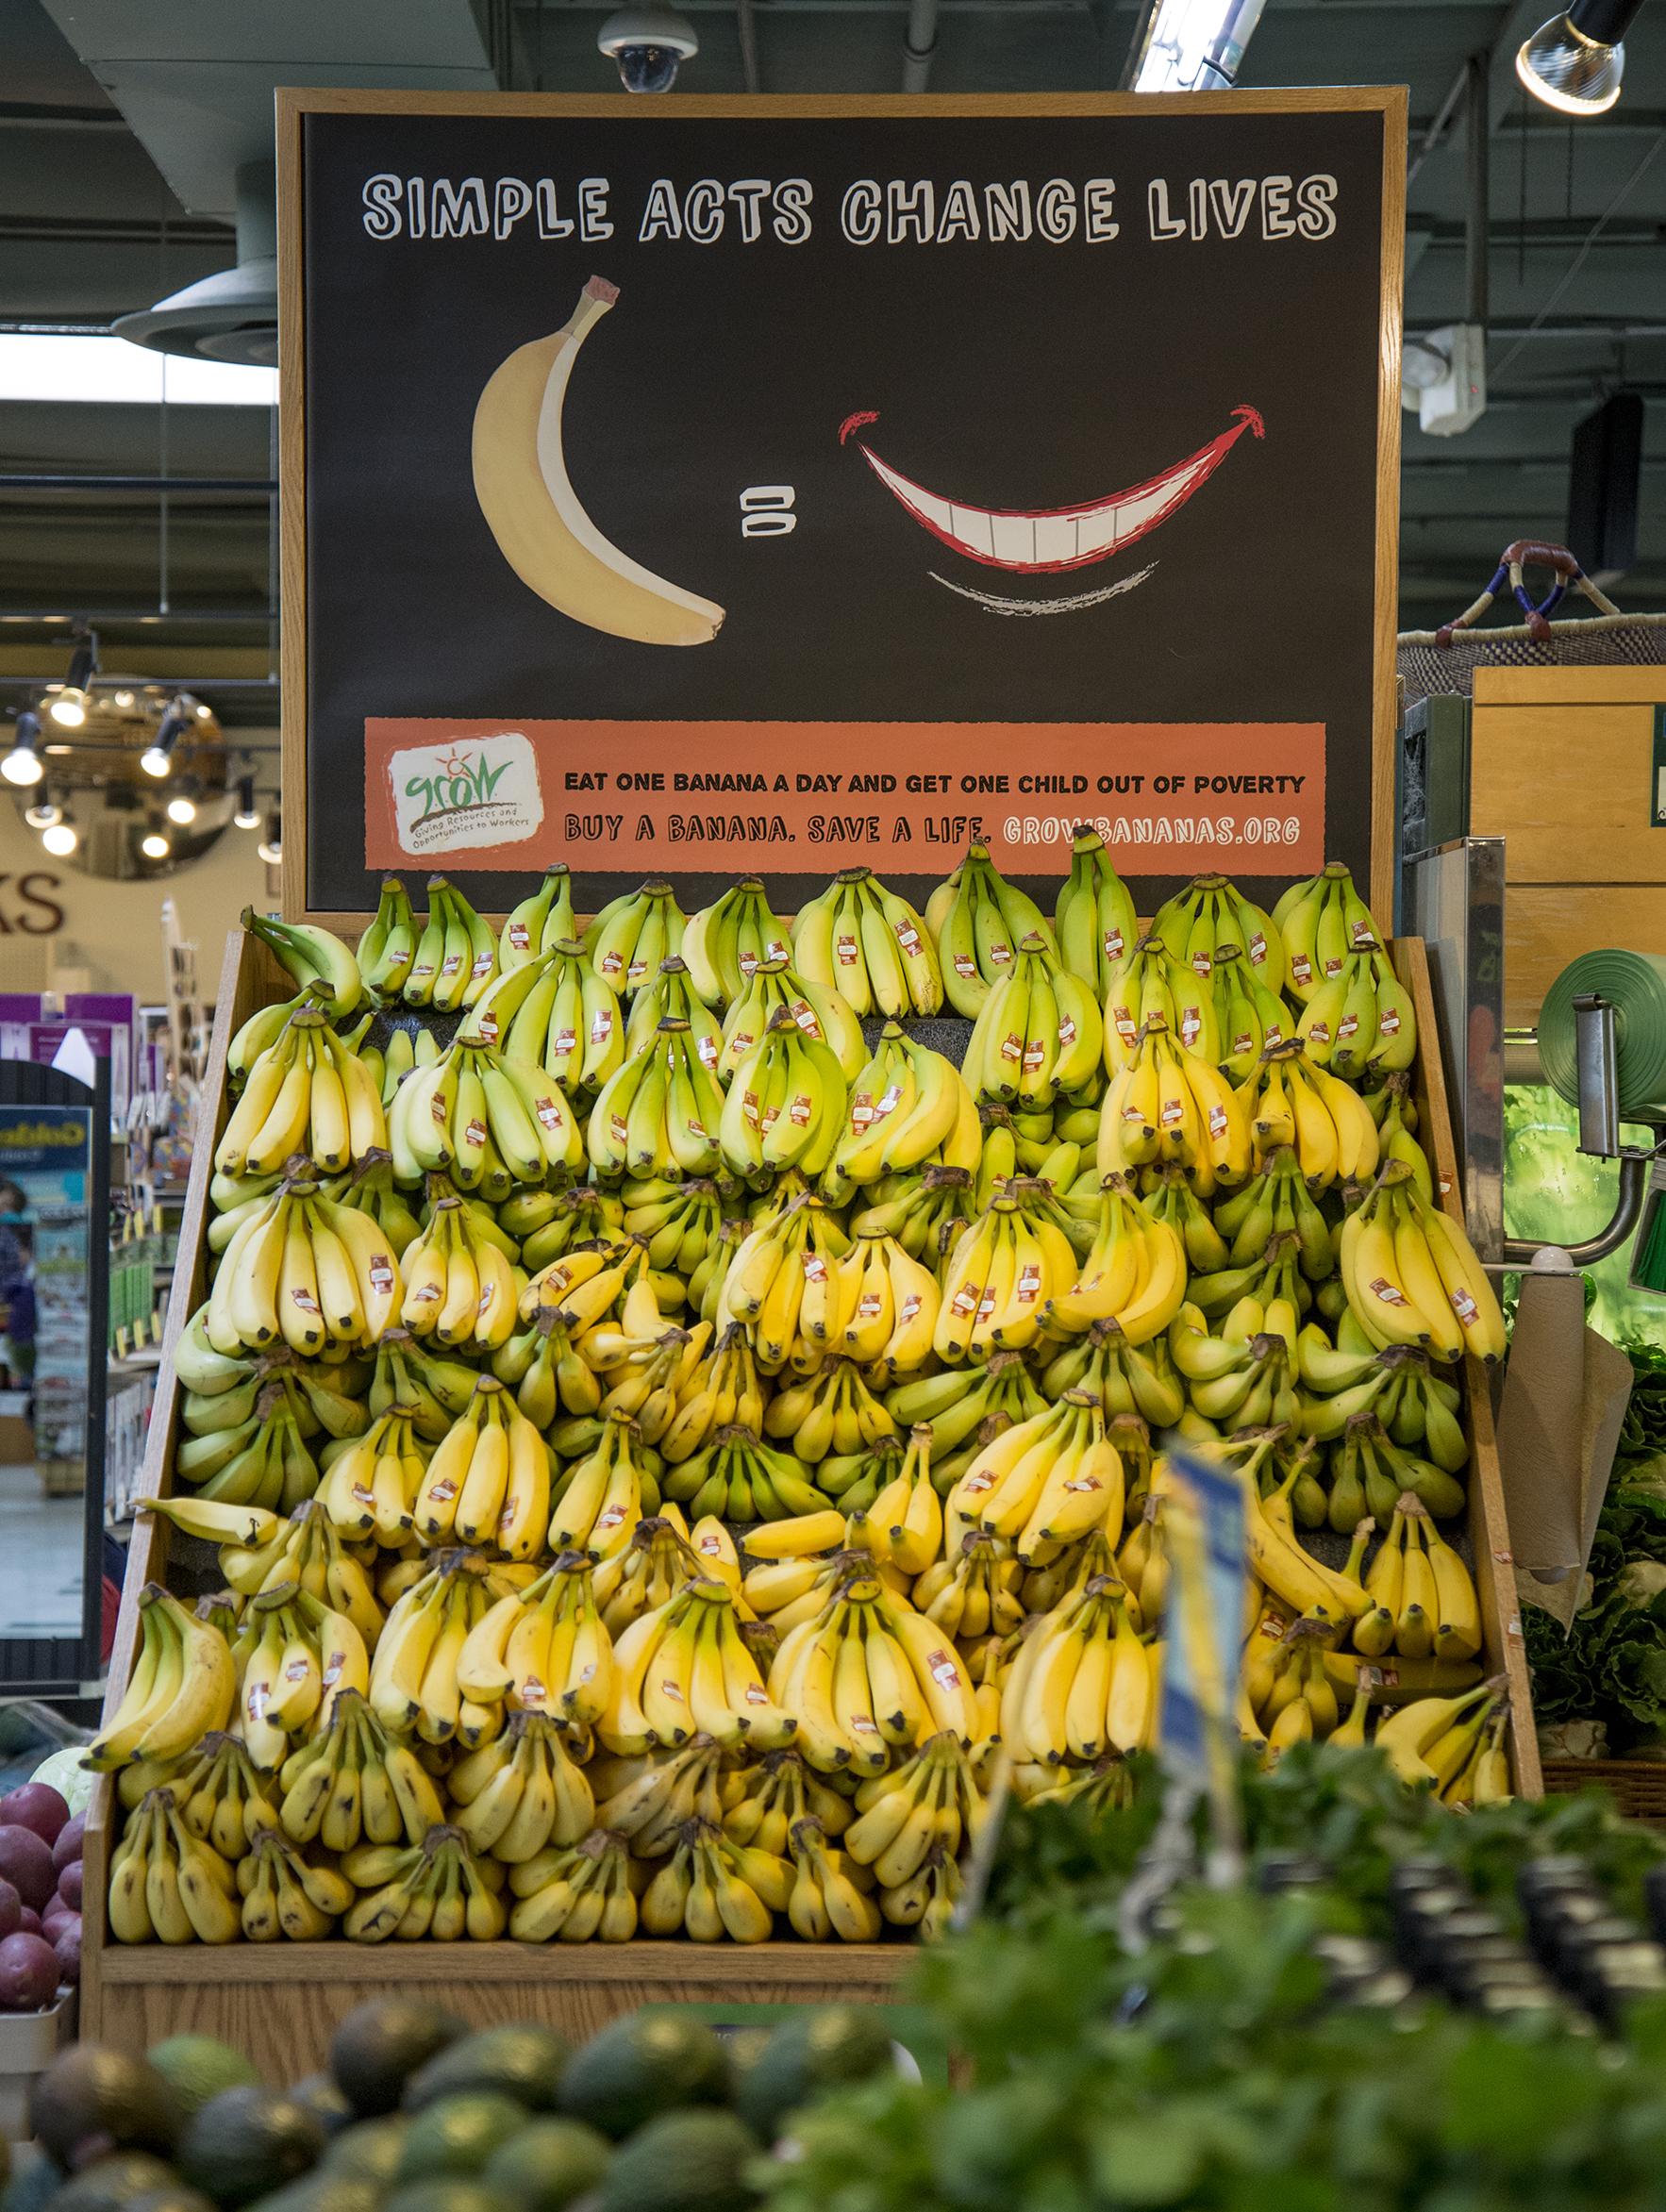 GROW bananas sacramento natural foods co-op